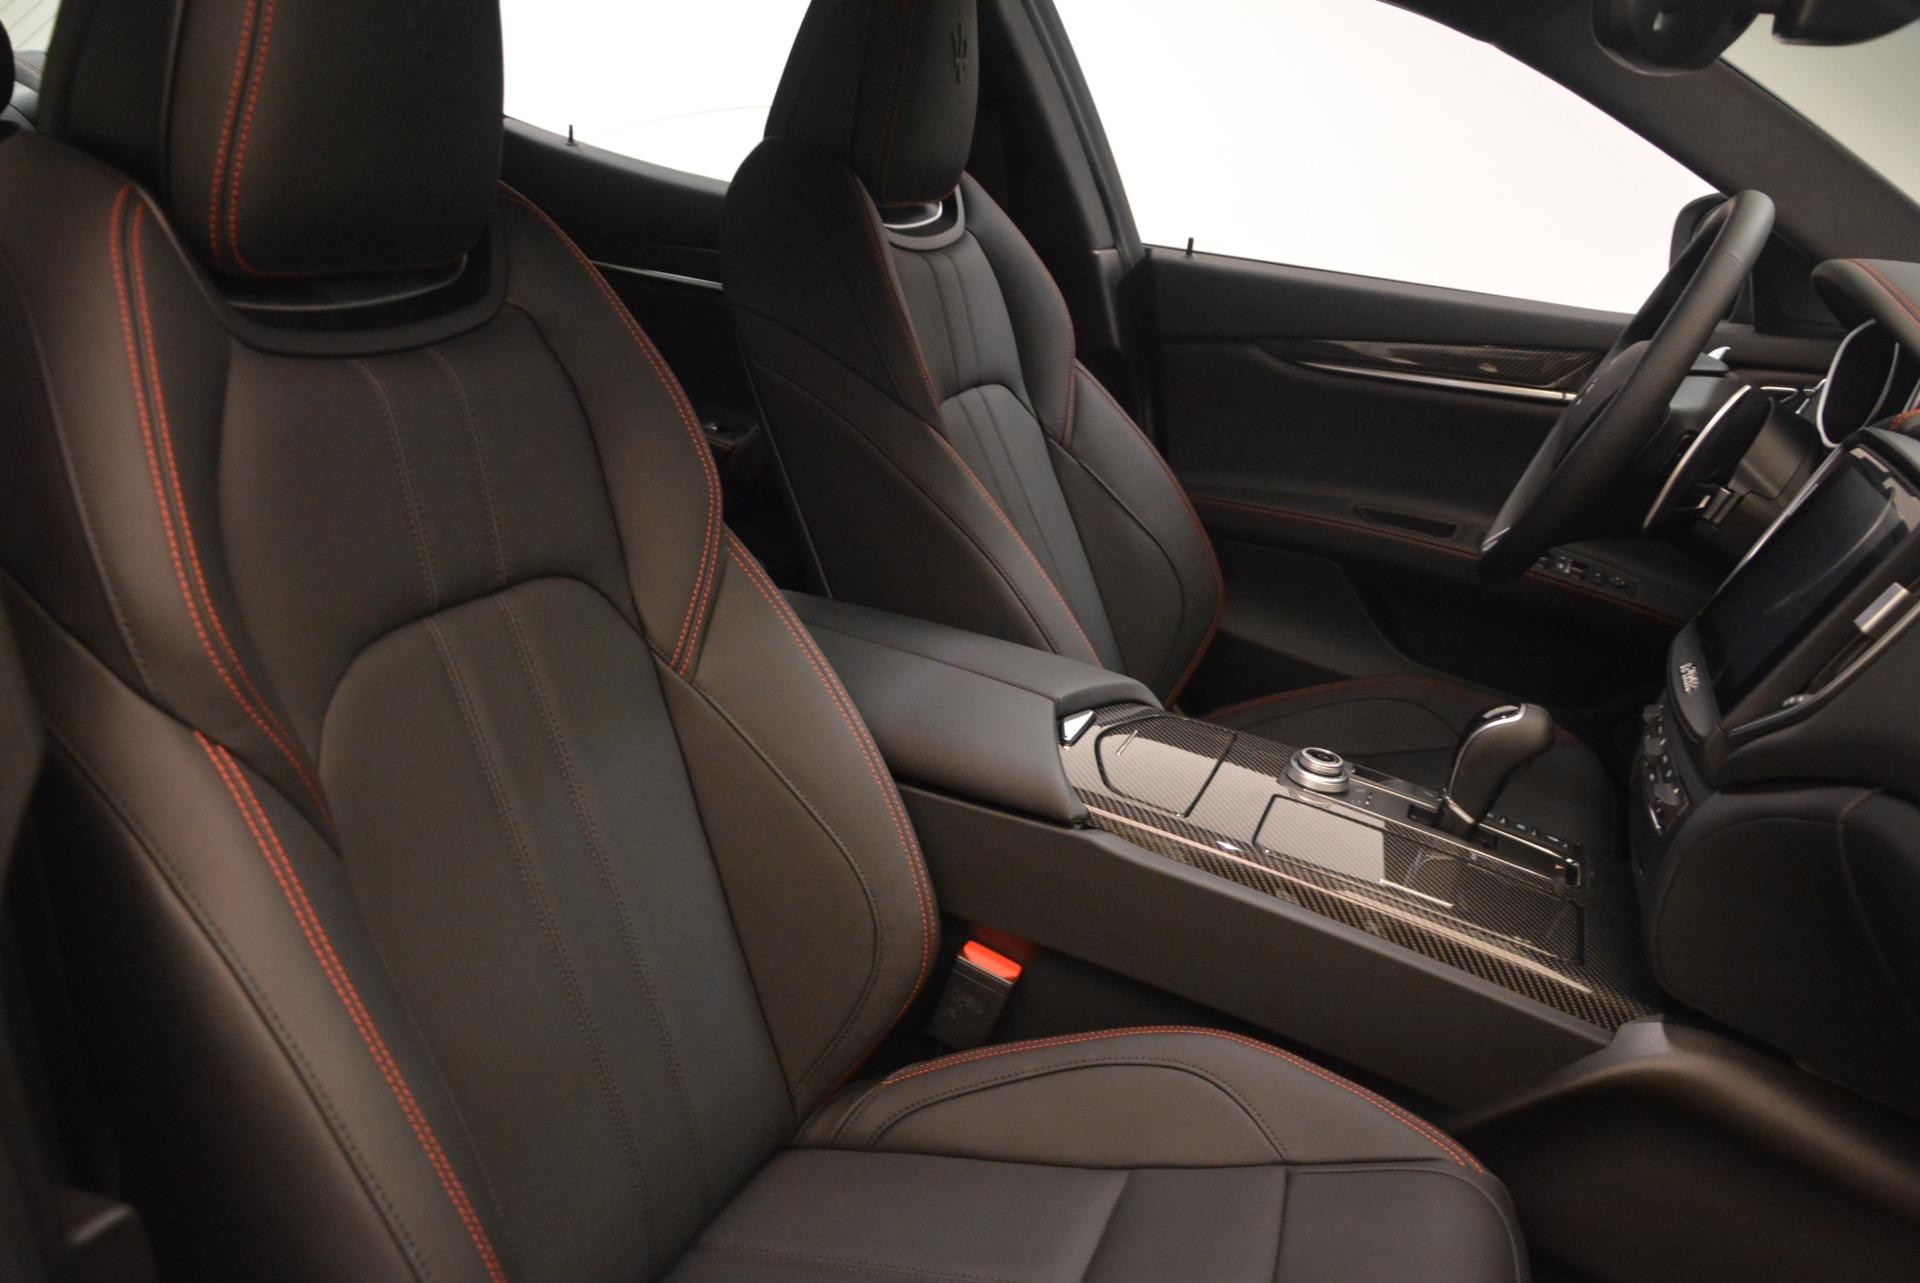 New 2018 Maserati Ghibli SQ4 GranSport Nerissimo For Sale In Greenwich, CT 2278_p18